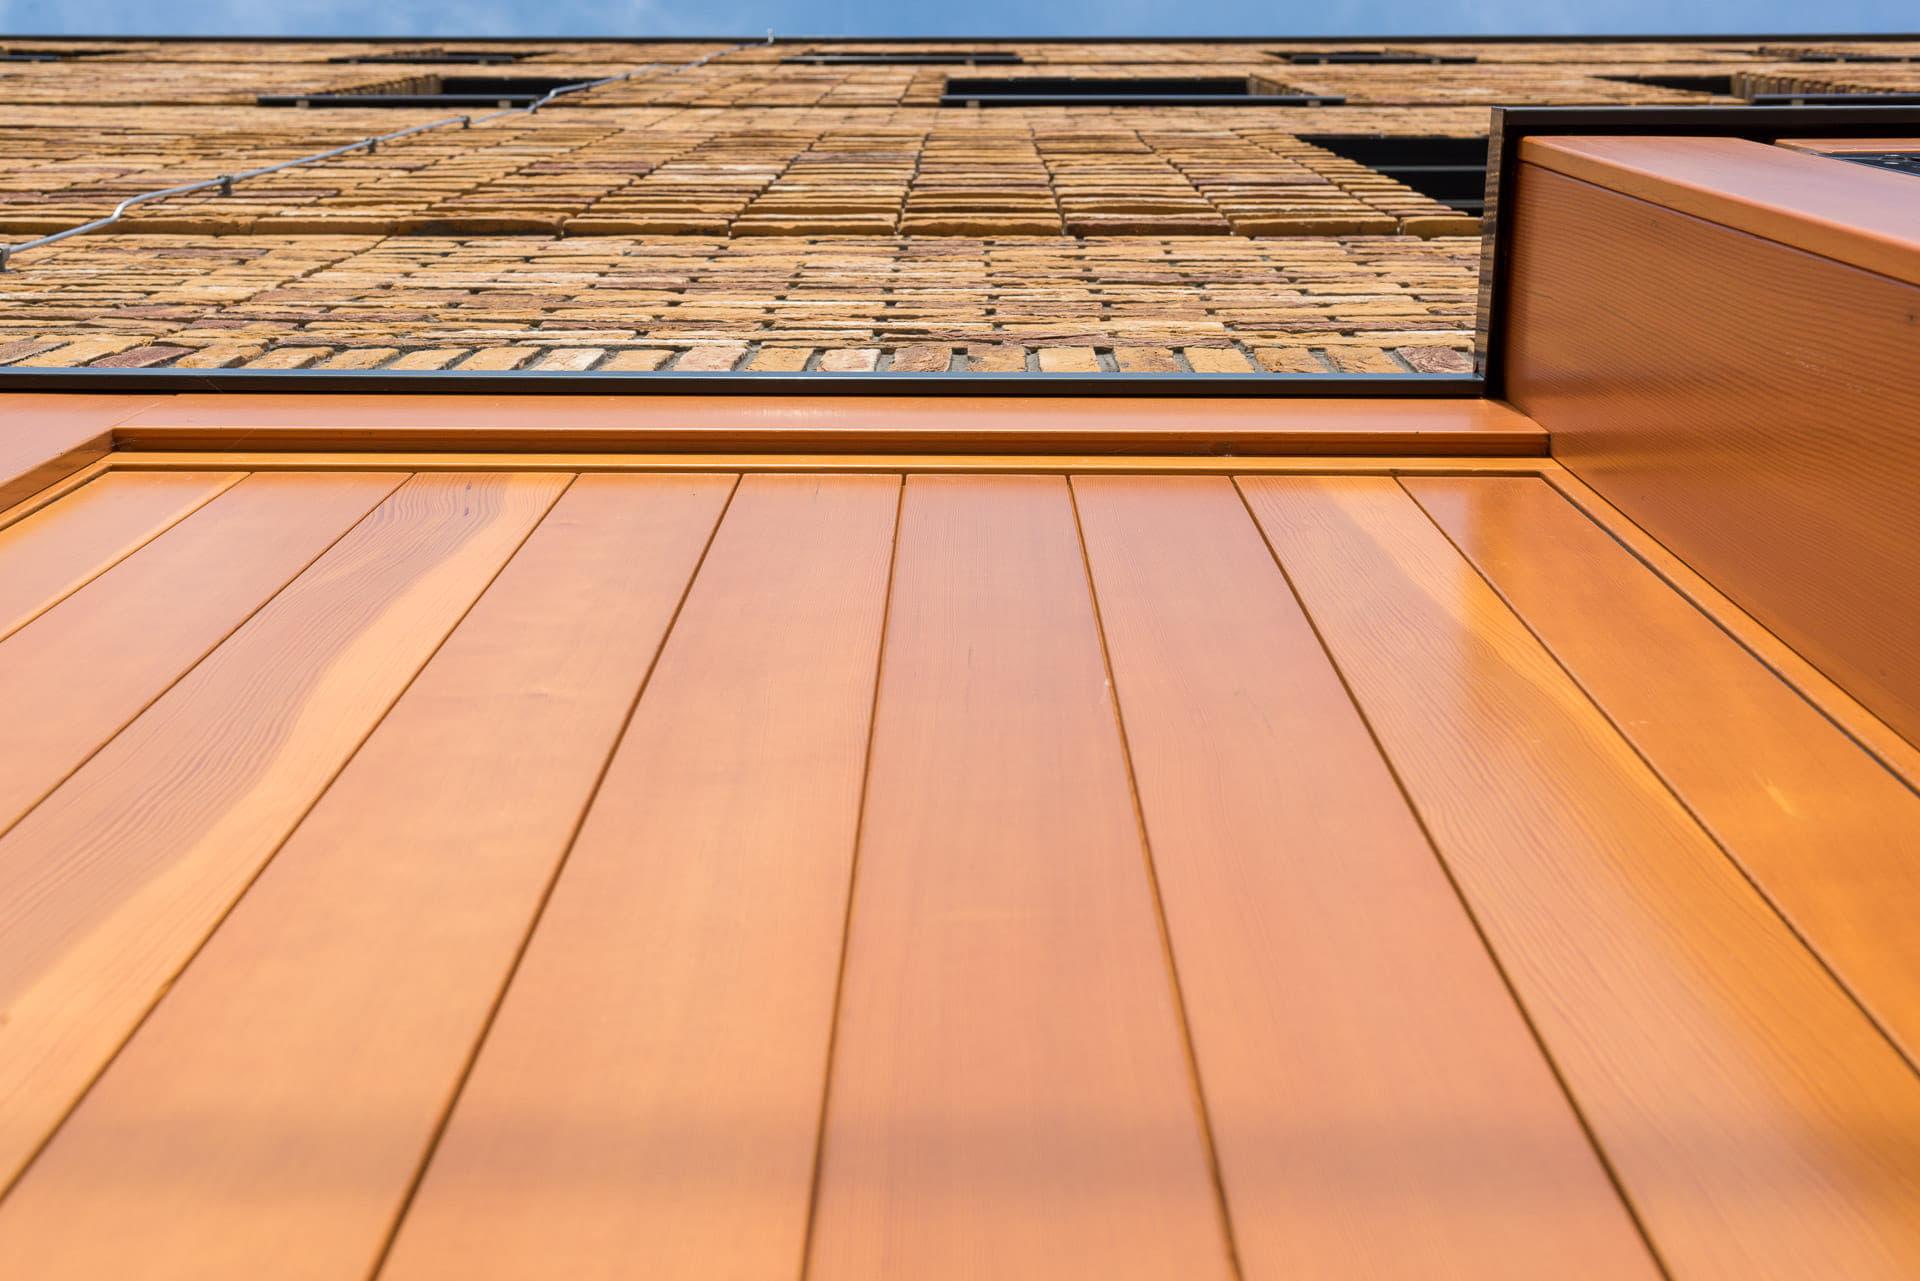 Gevel van onderen bekeken met een gedeelte oranje element en bakstenen erboven